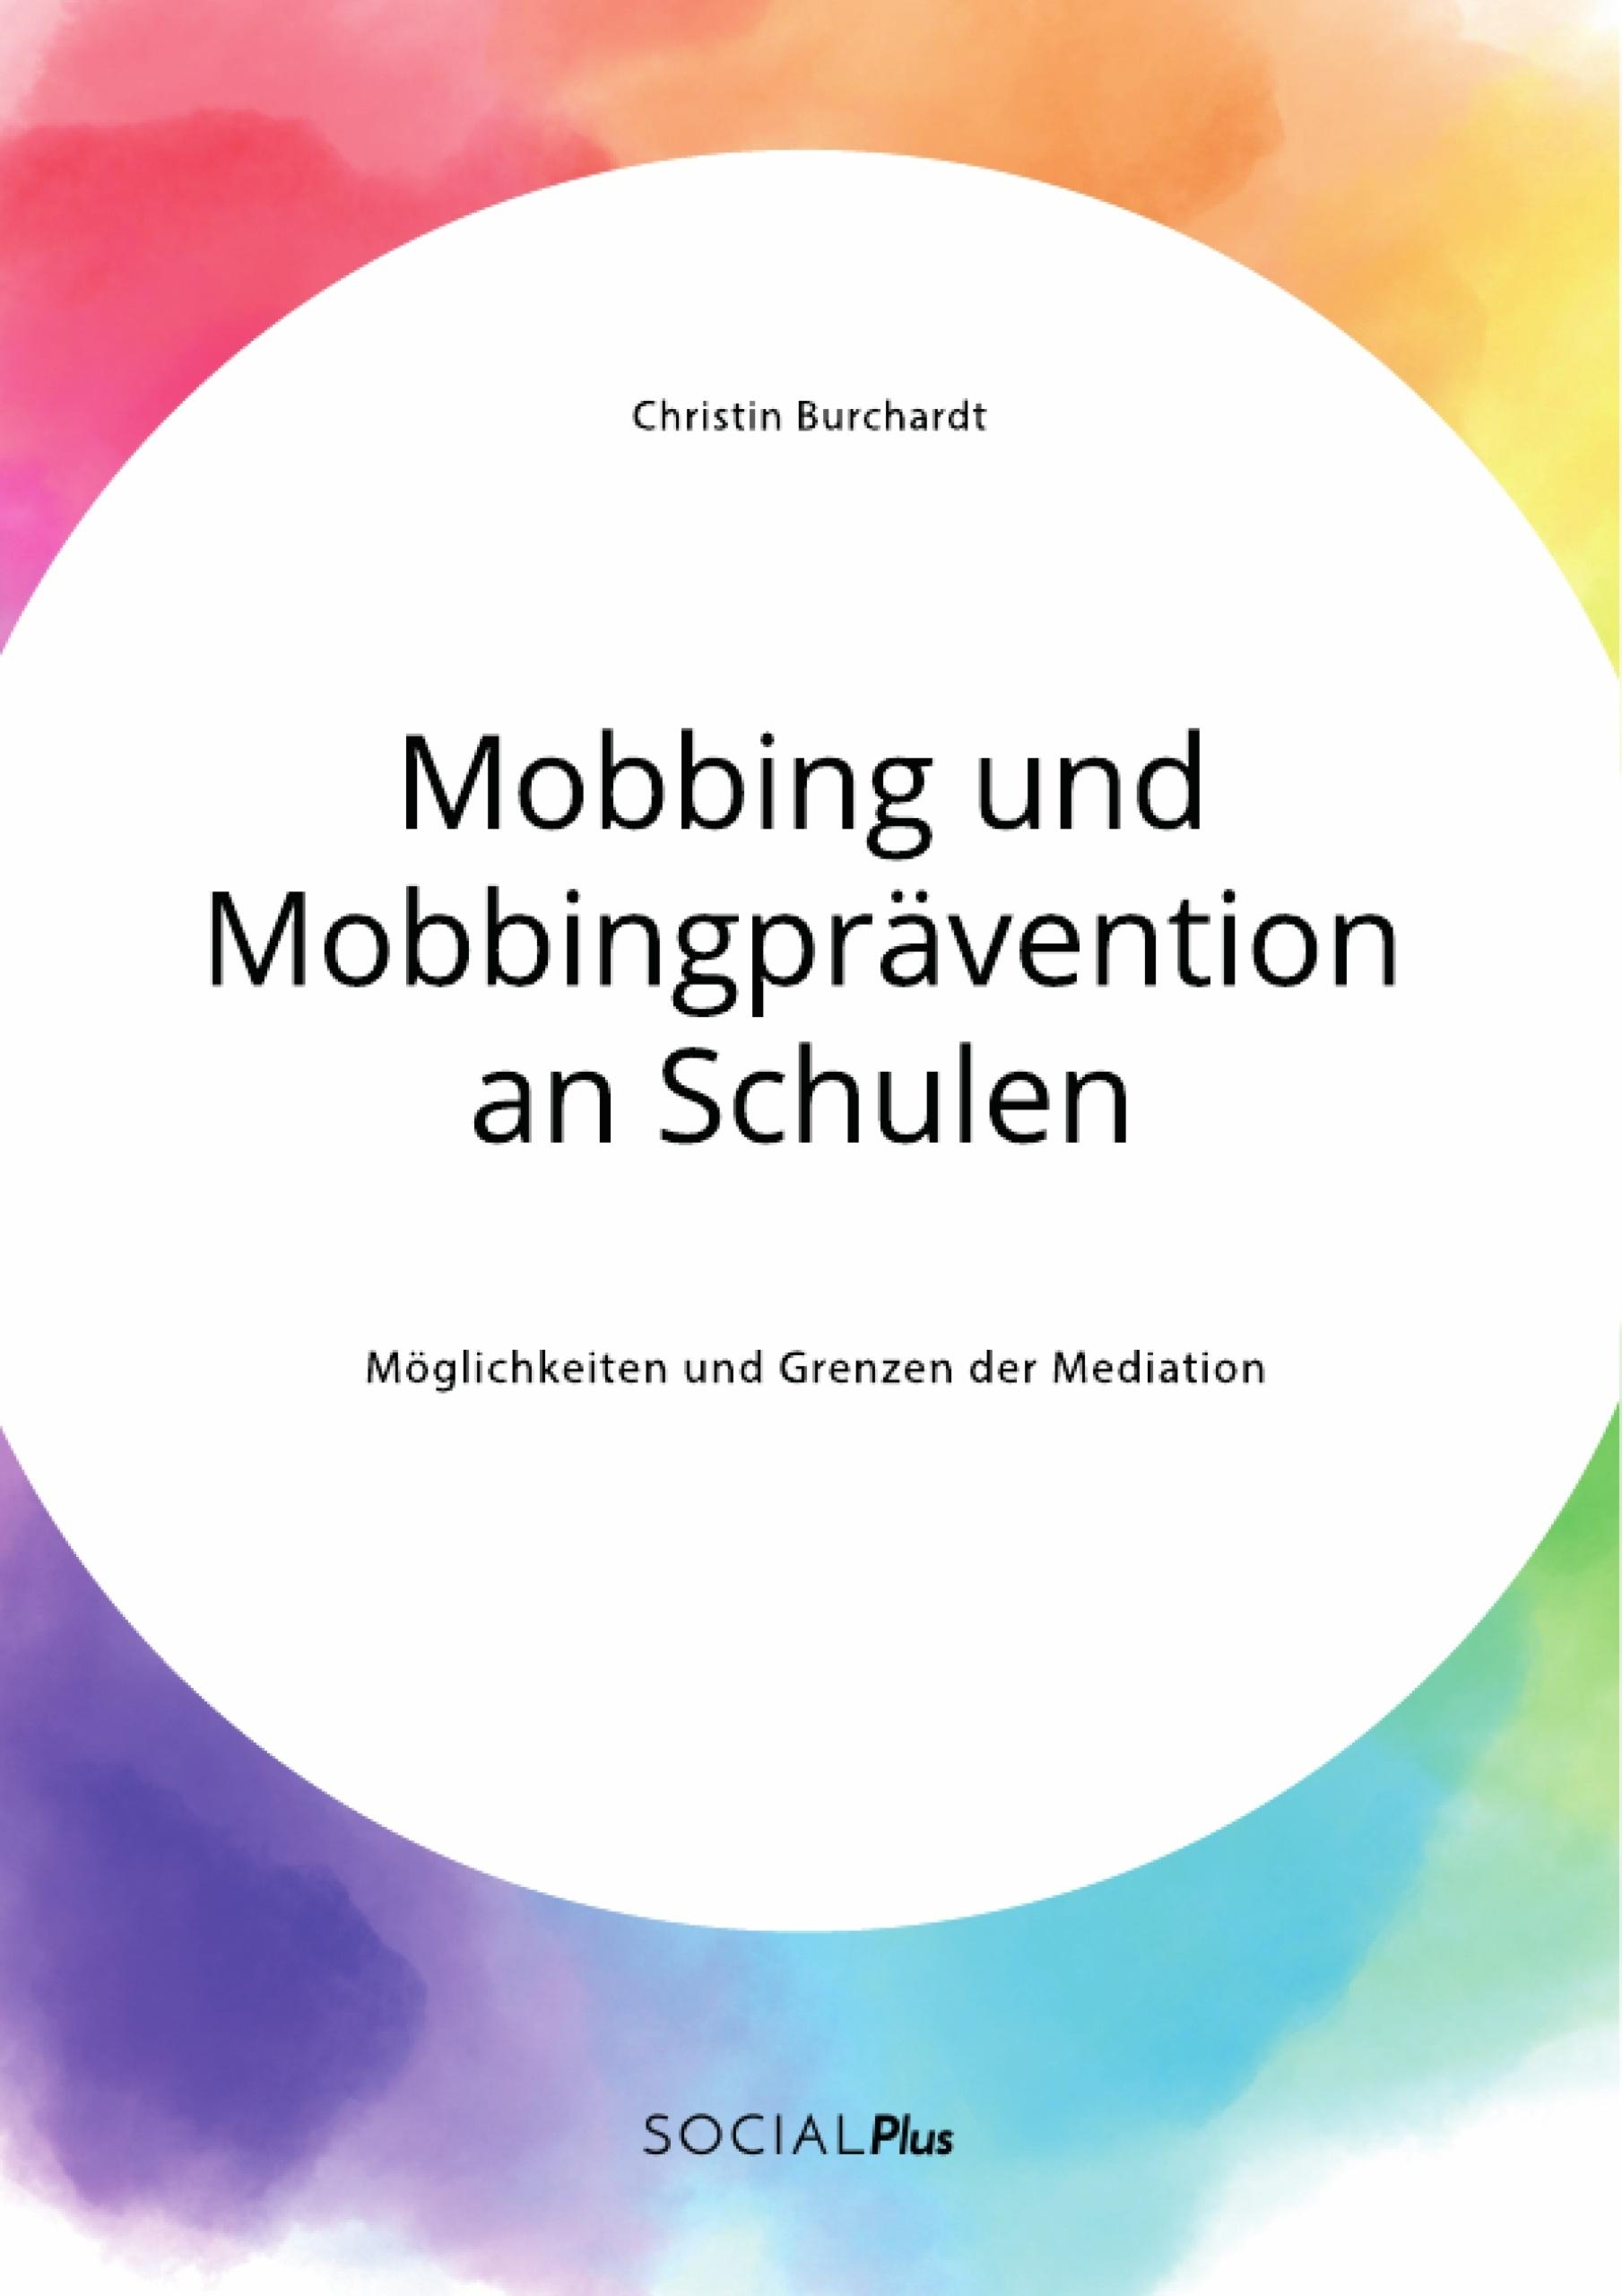 Titel: Mobbing und Mobbingprävention an Schulen. Möglichkeiten und Grenzen der Mediation